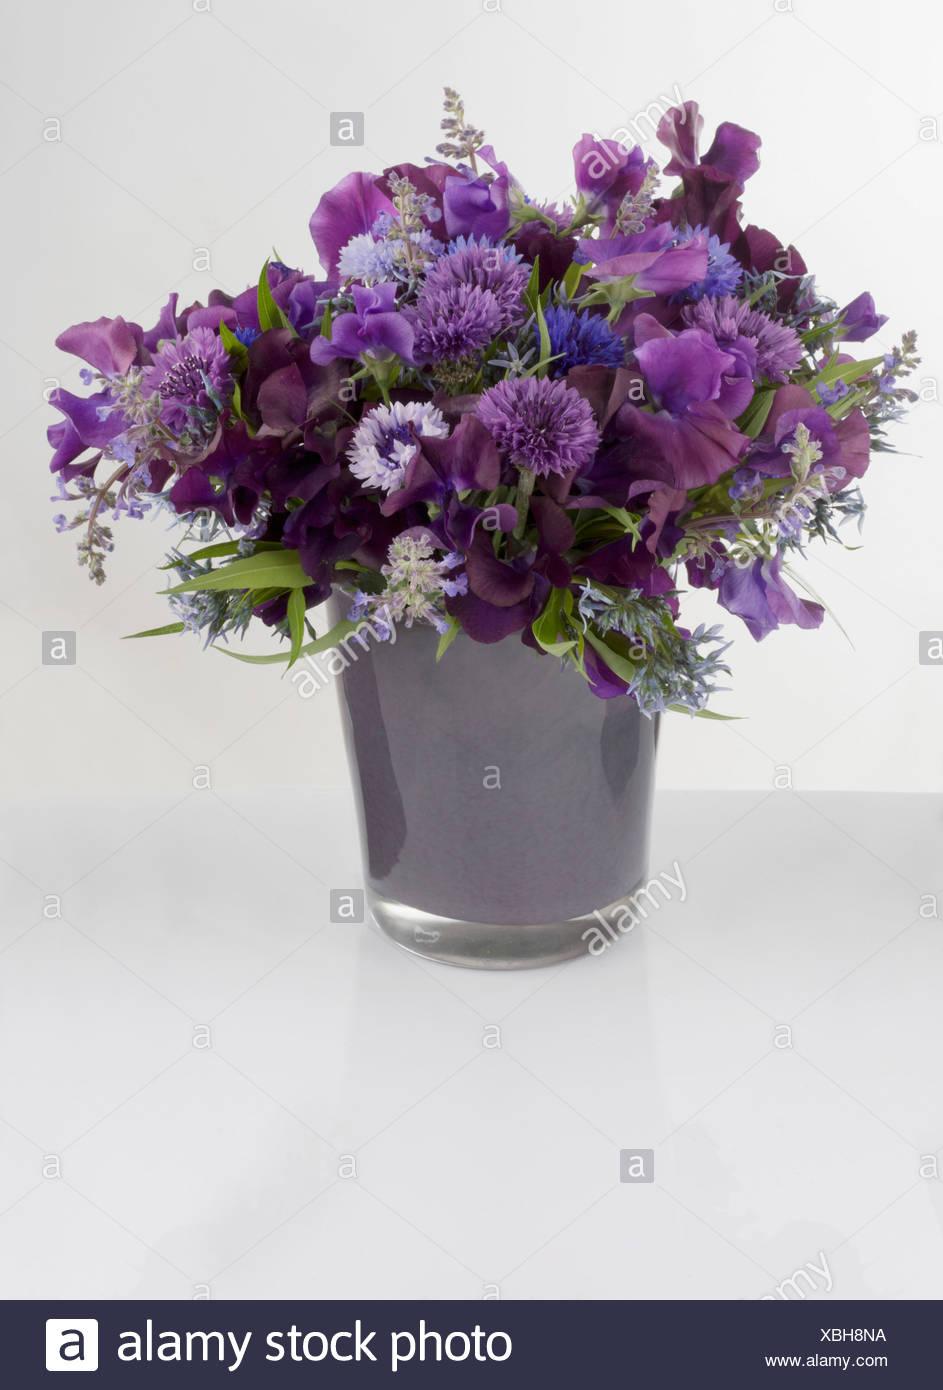 Mazzo Di Fiori Viola.Un Mazzo Di Fiori Viola In Un Vaso Foto Immagine Stock